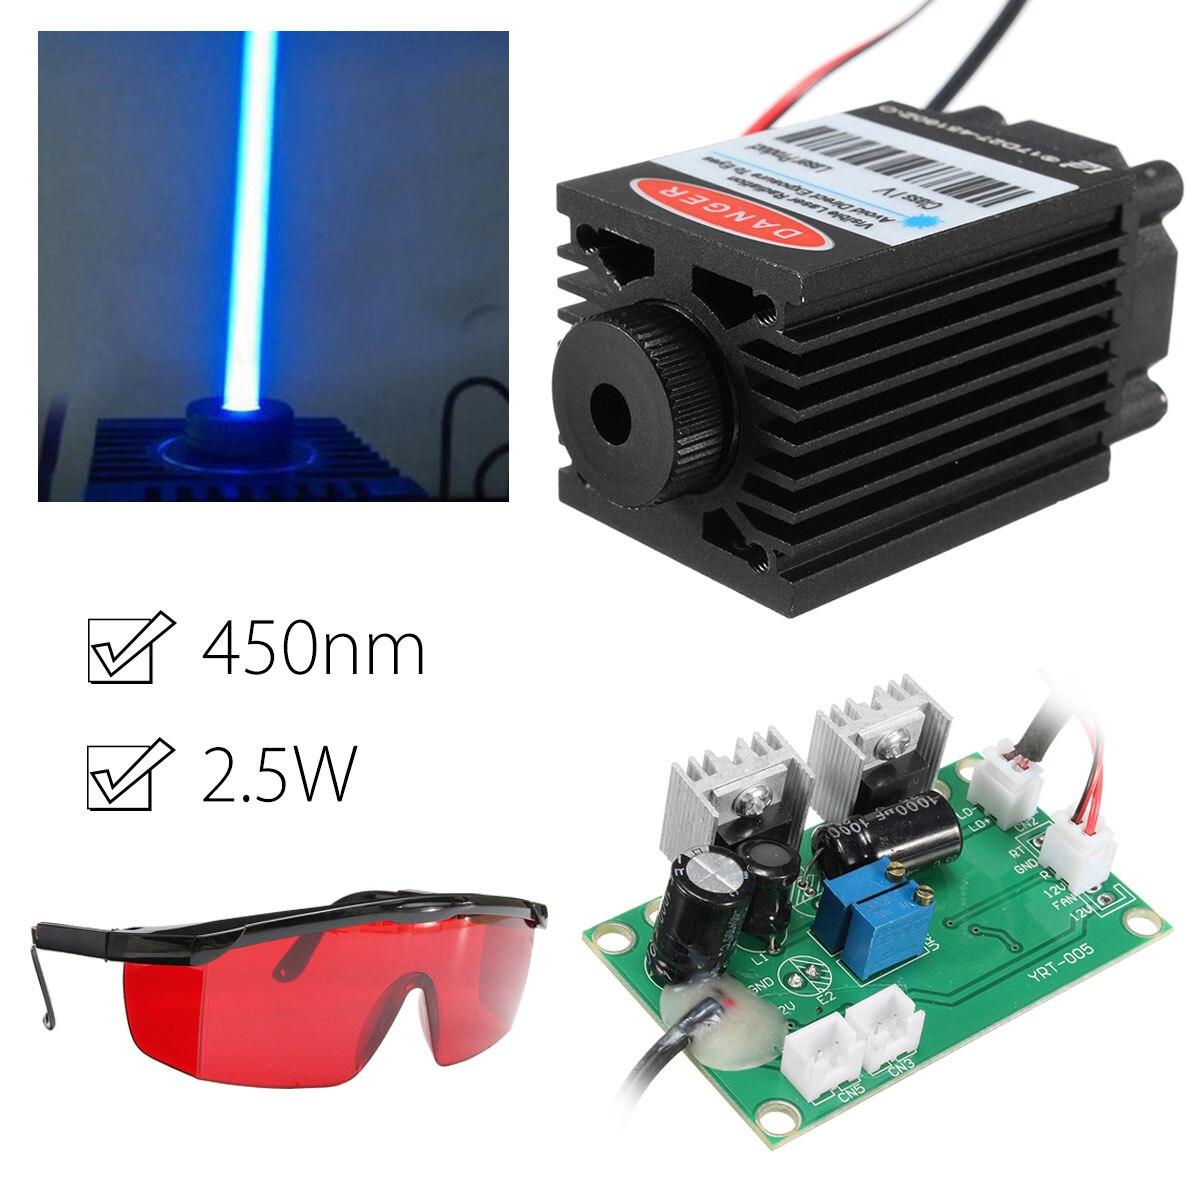 2,5 W 450nm синий лазерный модуль ttl 12 V Фокусируемый, высокой мощности + очки для режущий лазер cnc гравировальная Машина деревообрабатывающая Зап...